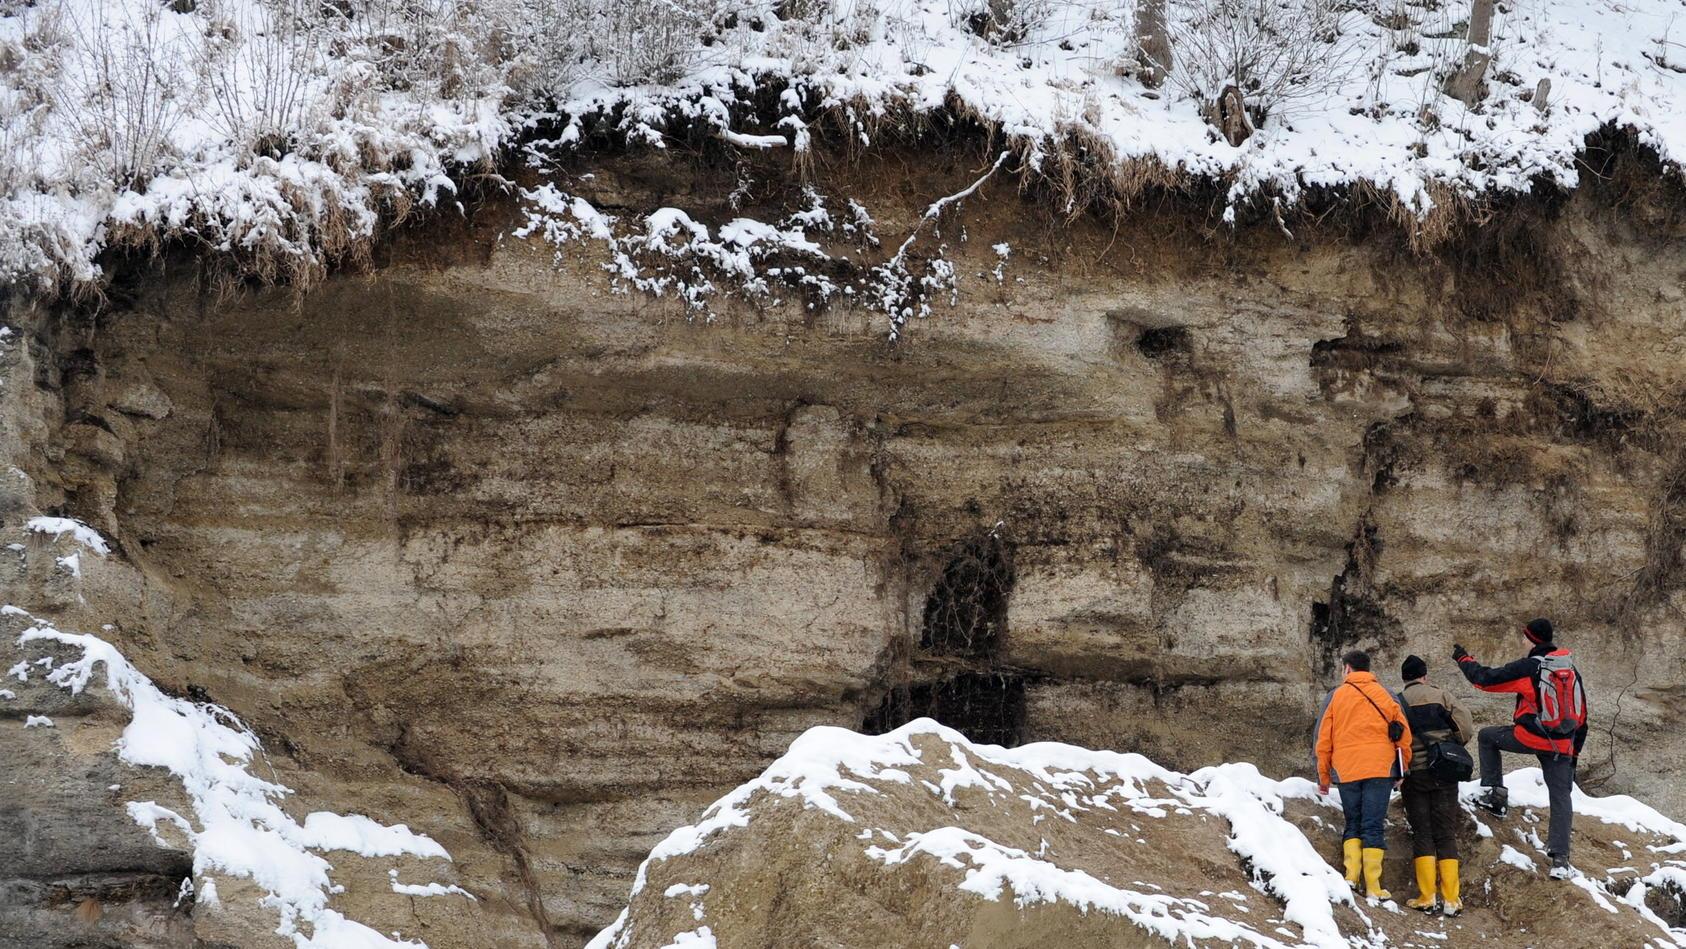 unberechenbare-gefahren-der-permafrost-in-den-alpen-taut-auf